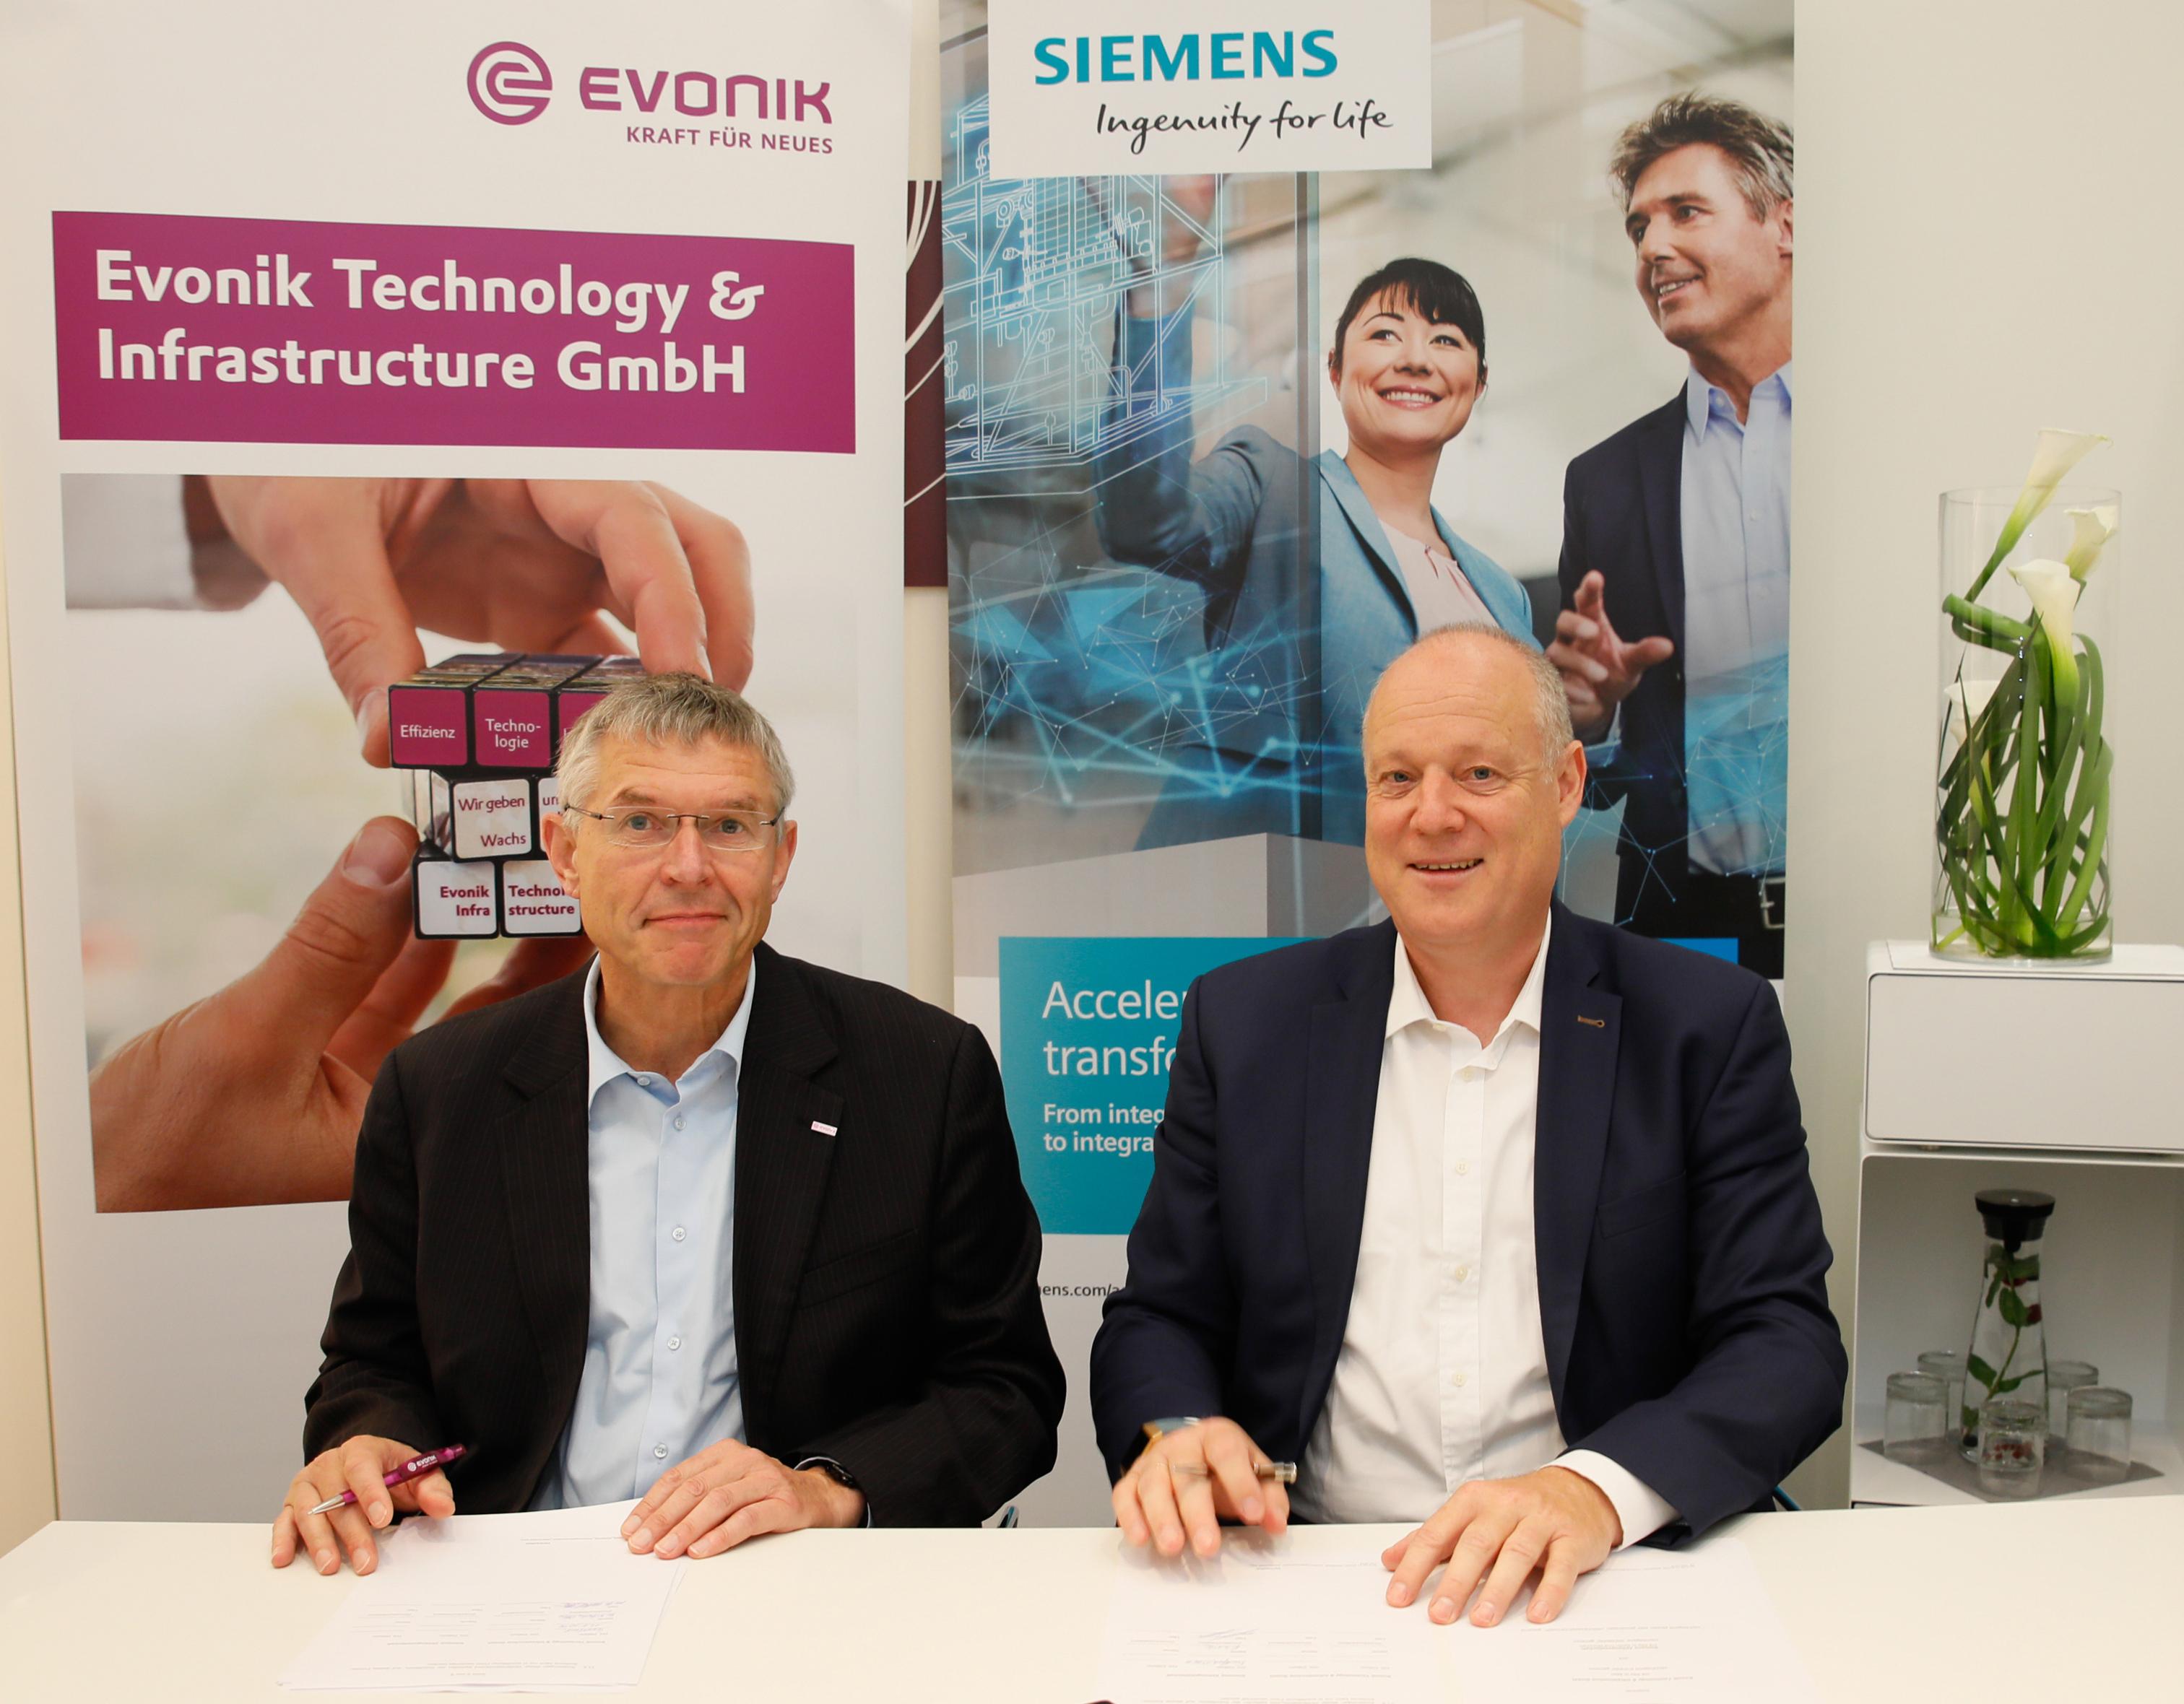 Siemens und Evonik schließen eine Technologiepartnerschaft. Ziel ist die Entwicklung und Integration eines Asset-Lifecycle-Datenmodells in die Siemens-Softwarelösung Comos.